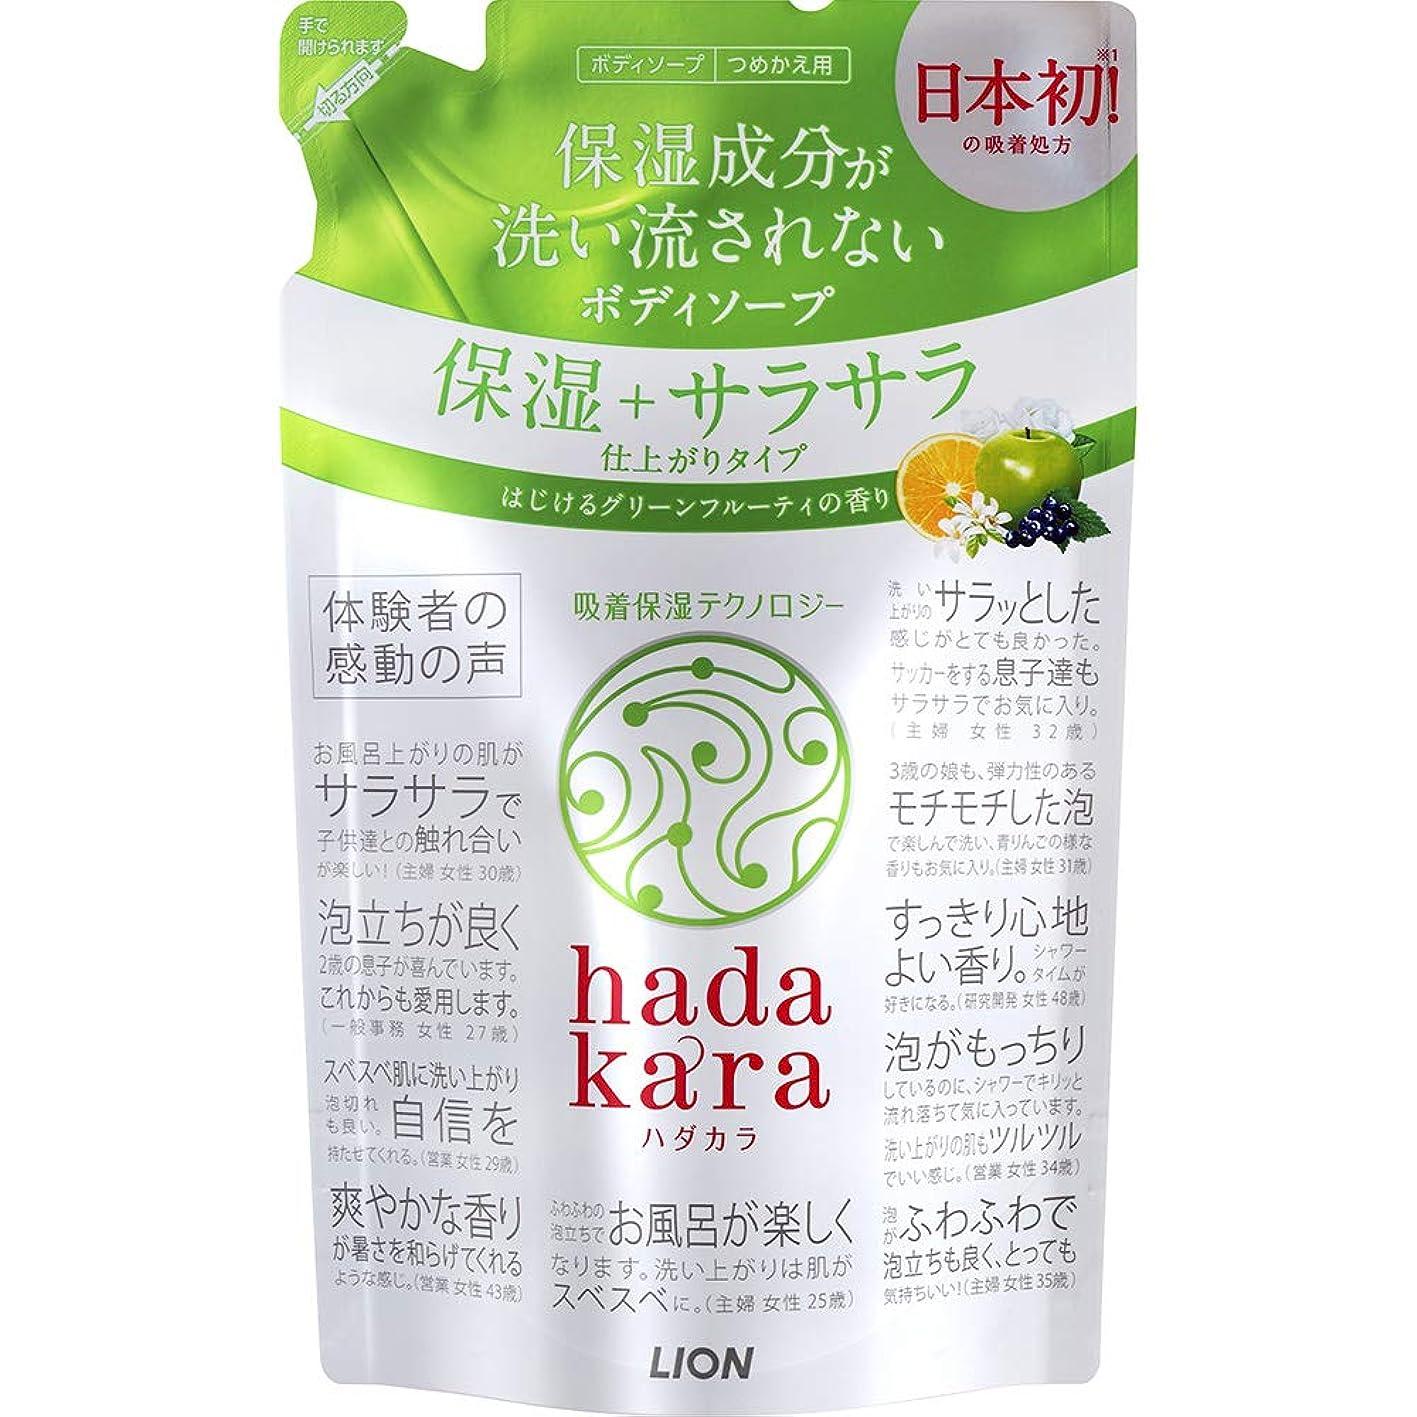 腕セマフォ湿ったhadakara(ハダカラ) ボディソープ 保湿+サラサラ仕上がりタイプ グリーンフルーティの香り 詰め替え 340ml